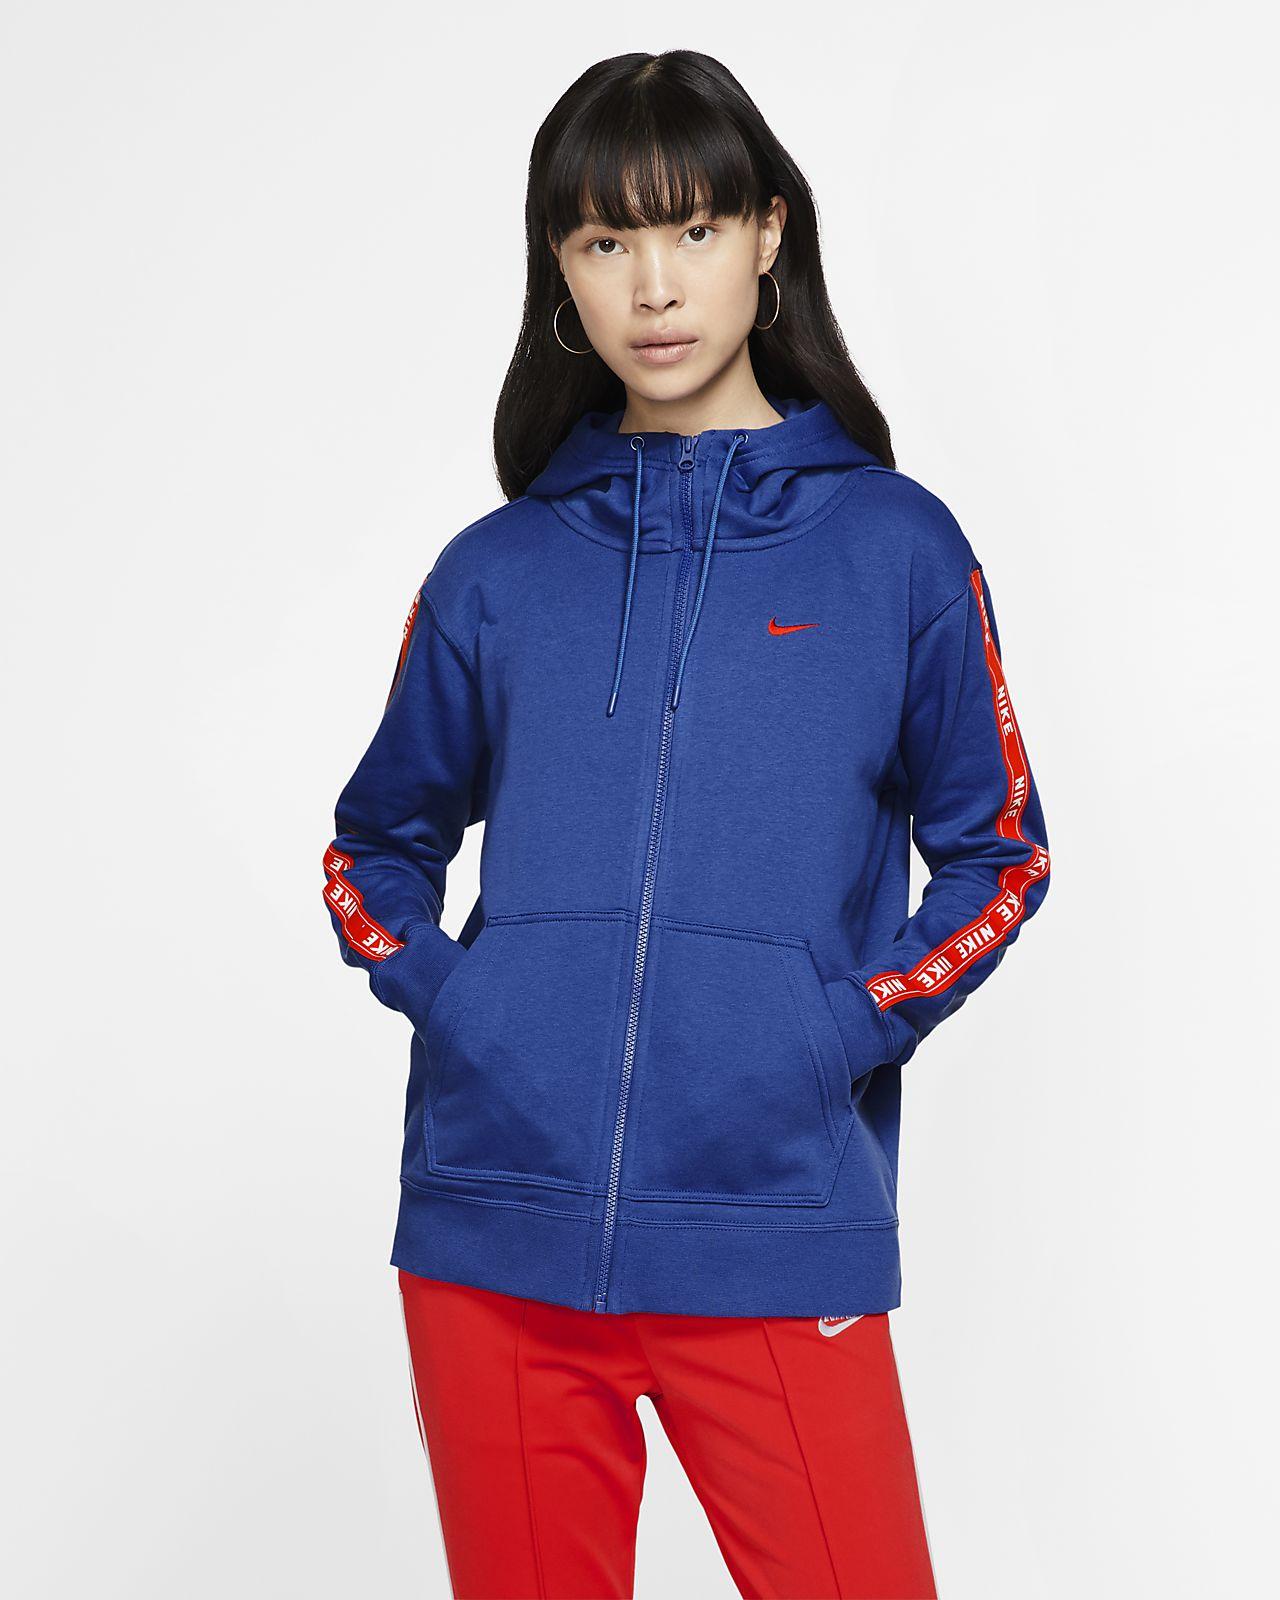 Huvtröja med logga och hel dragkedja Nike Sportswear för kvinnor